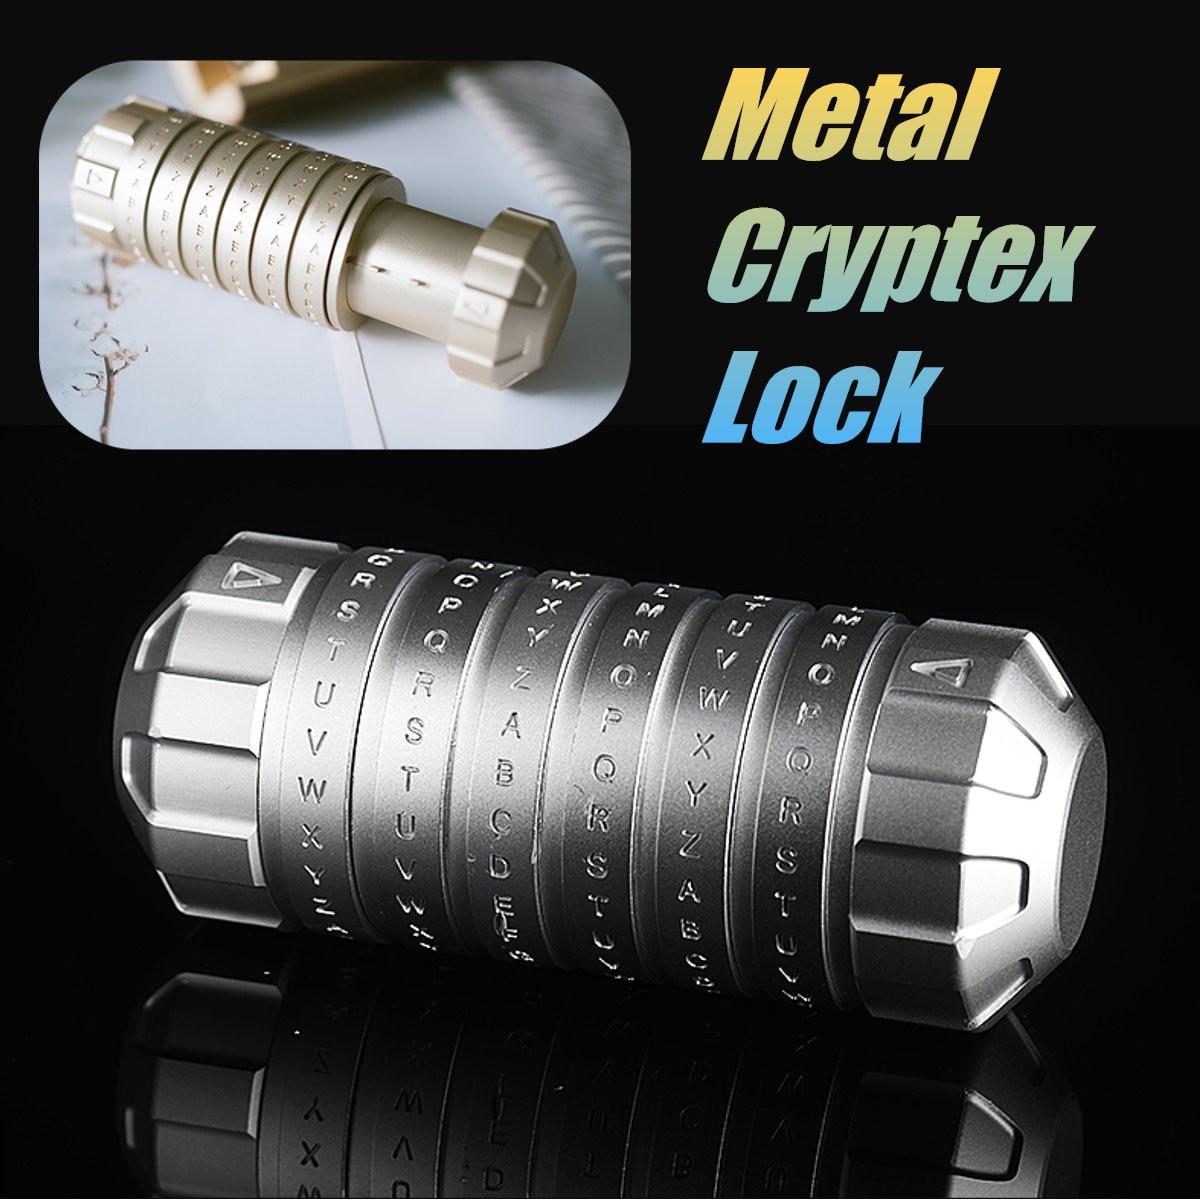 Da Vinci jouets éducatifs métal Cryptex serrures idées cadeaux vacances noël cadeau à marier amant évasion chambre